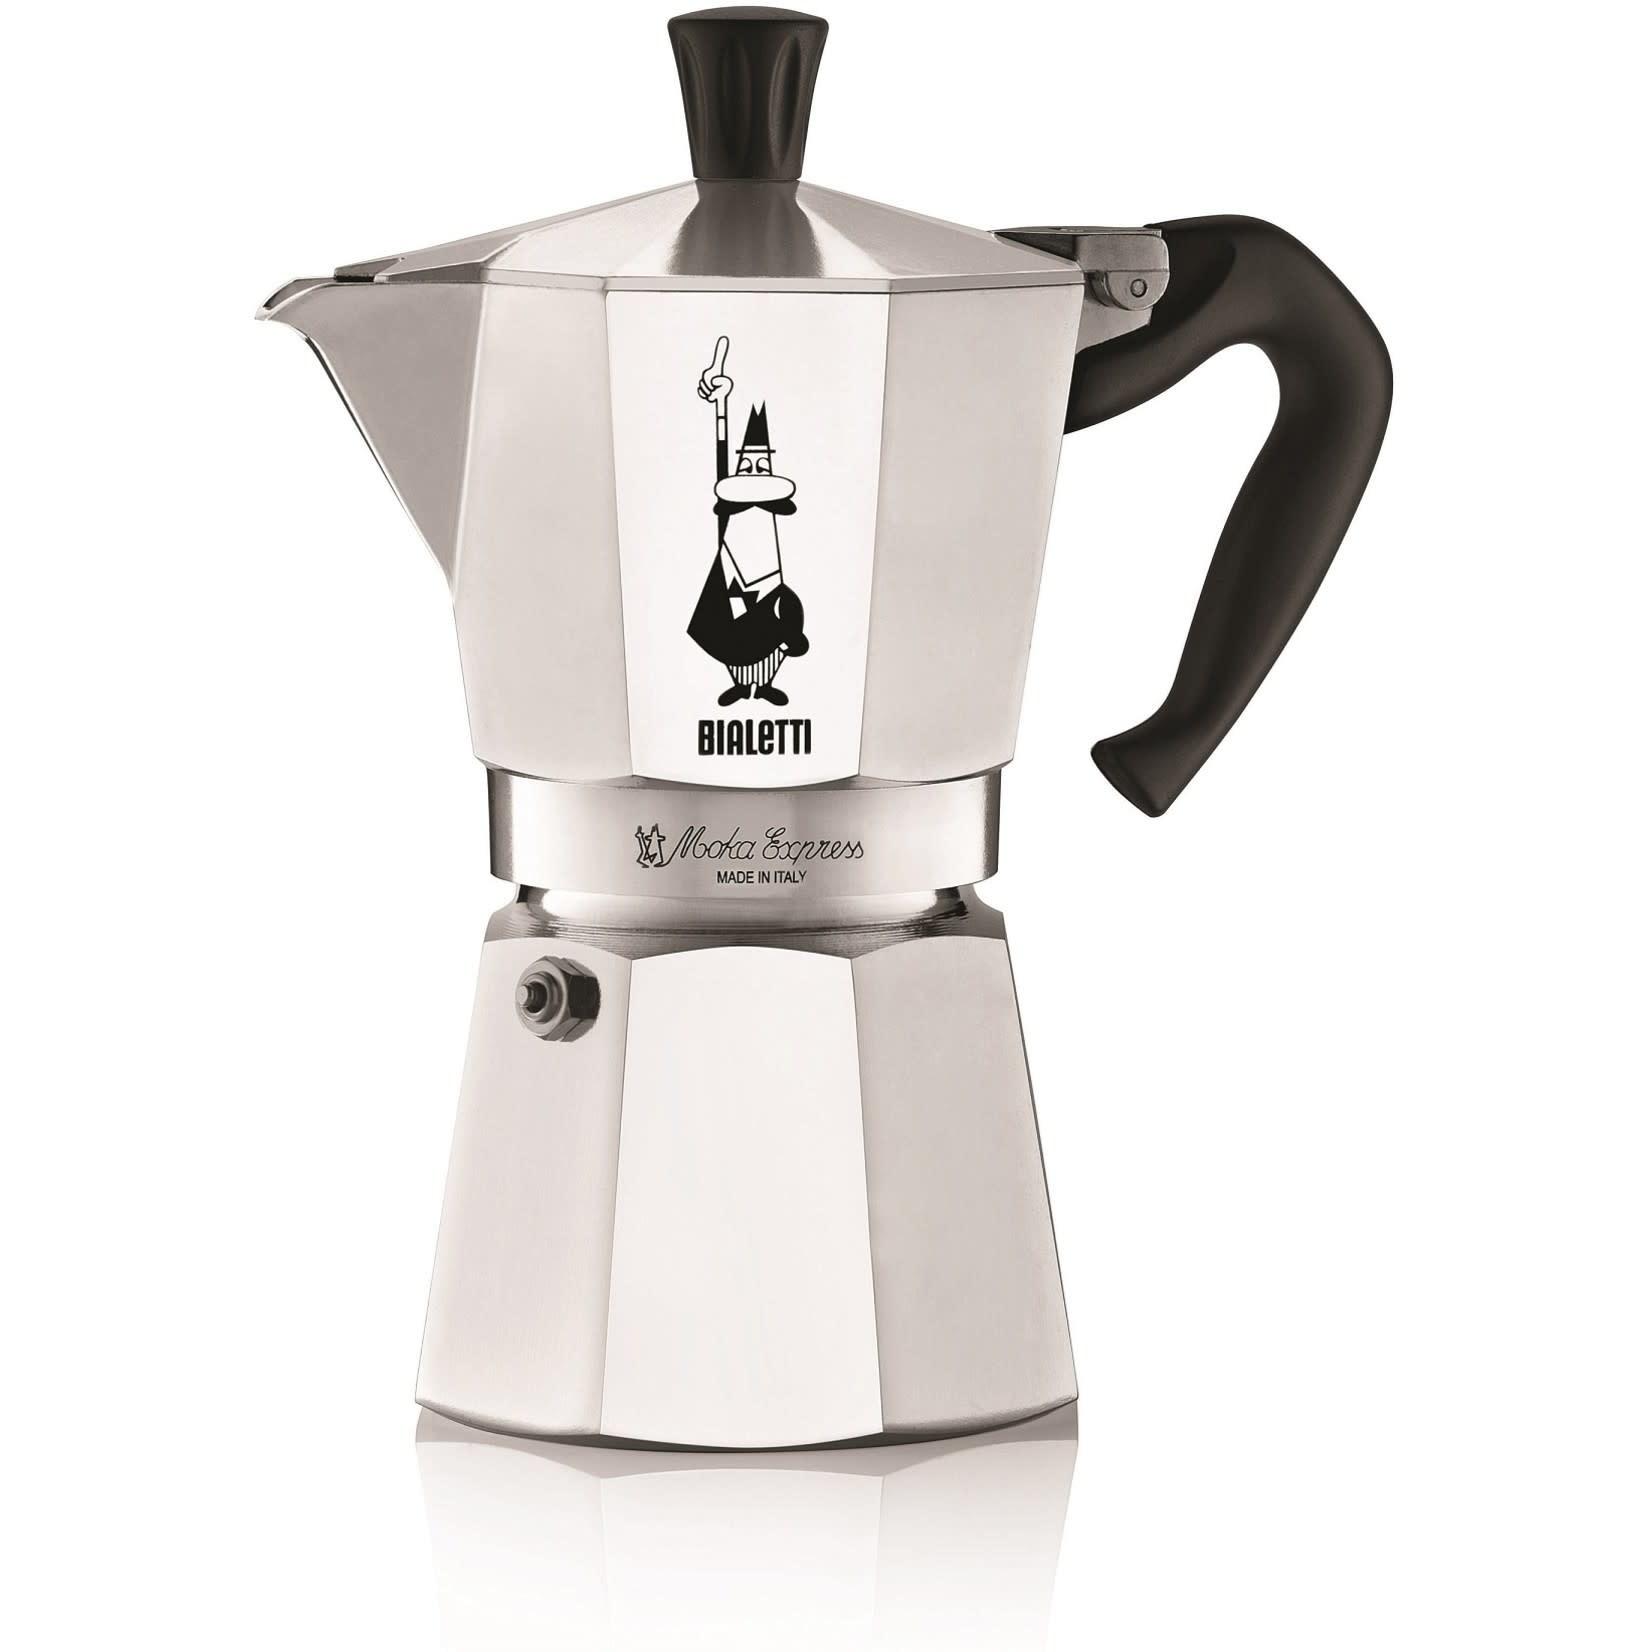 Bialetti espressopot 4-kops aluminium